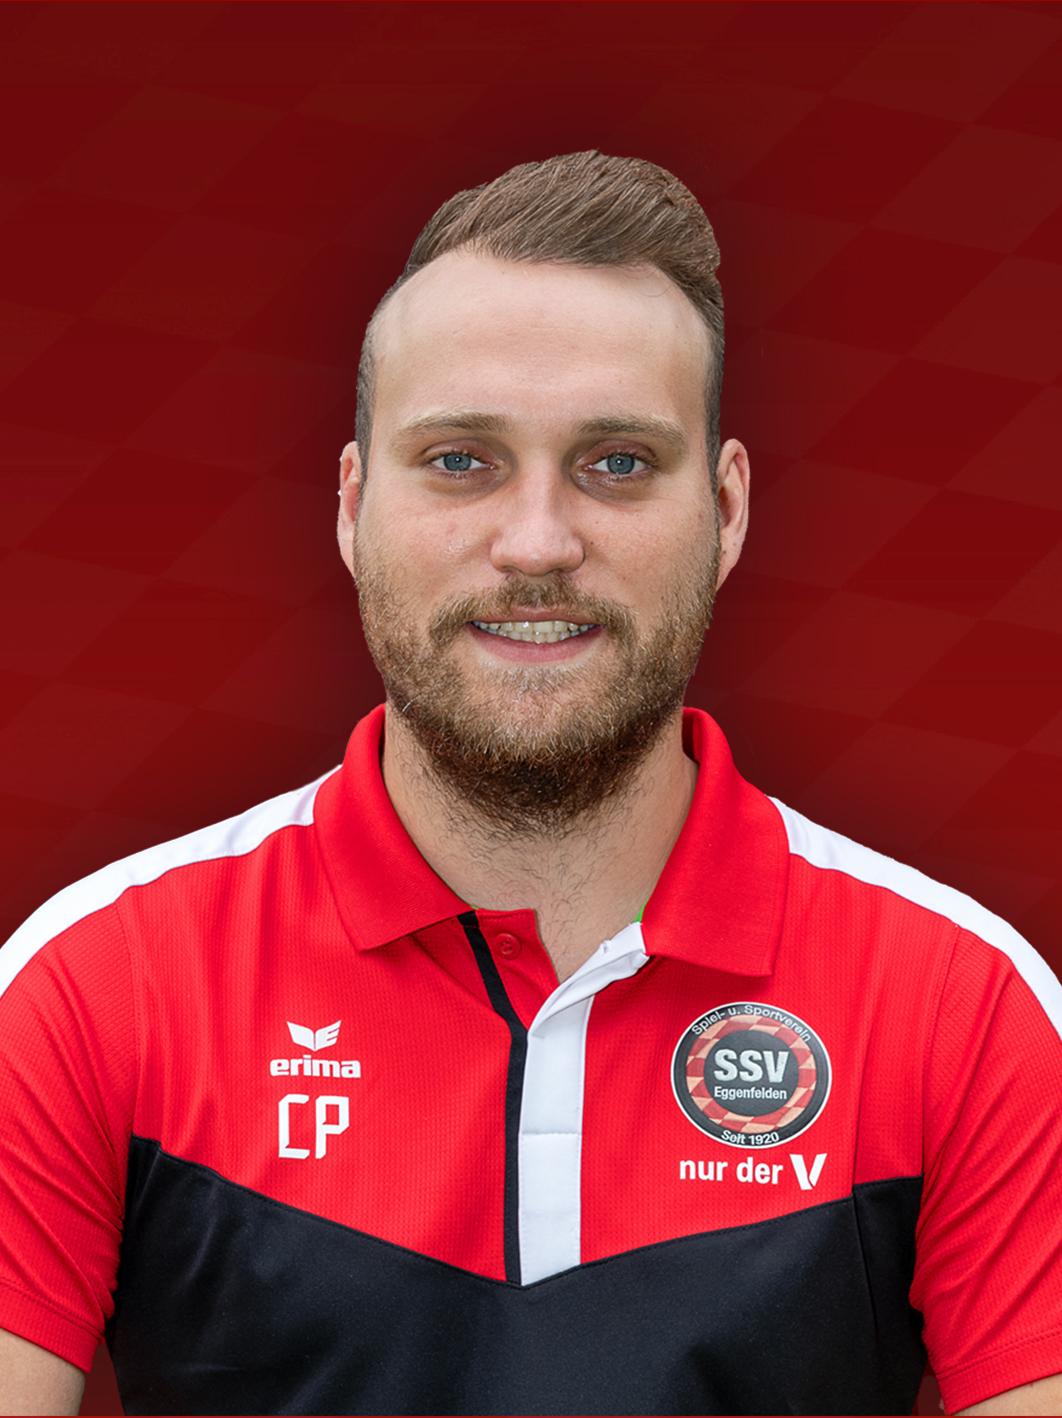 Christoph Pinzhoffer